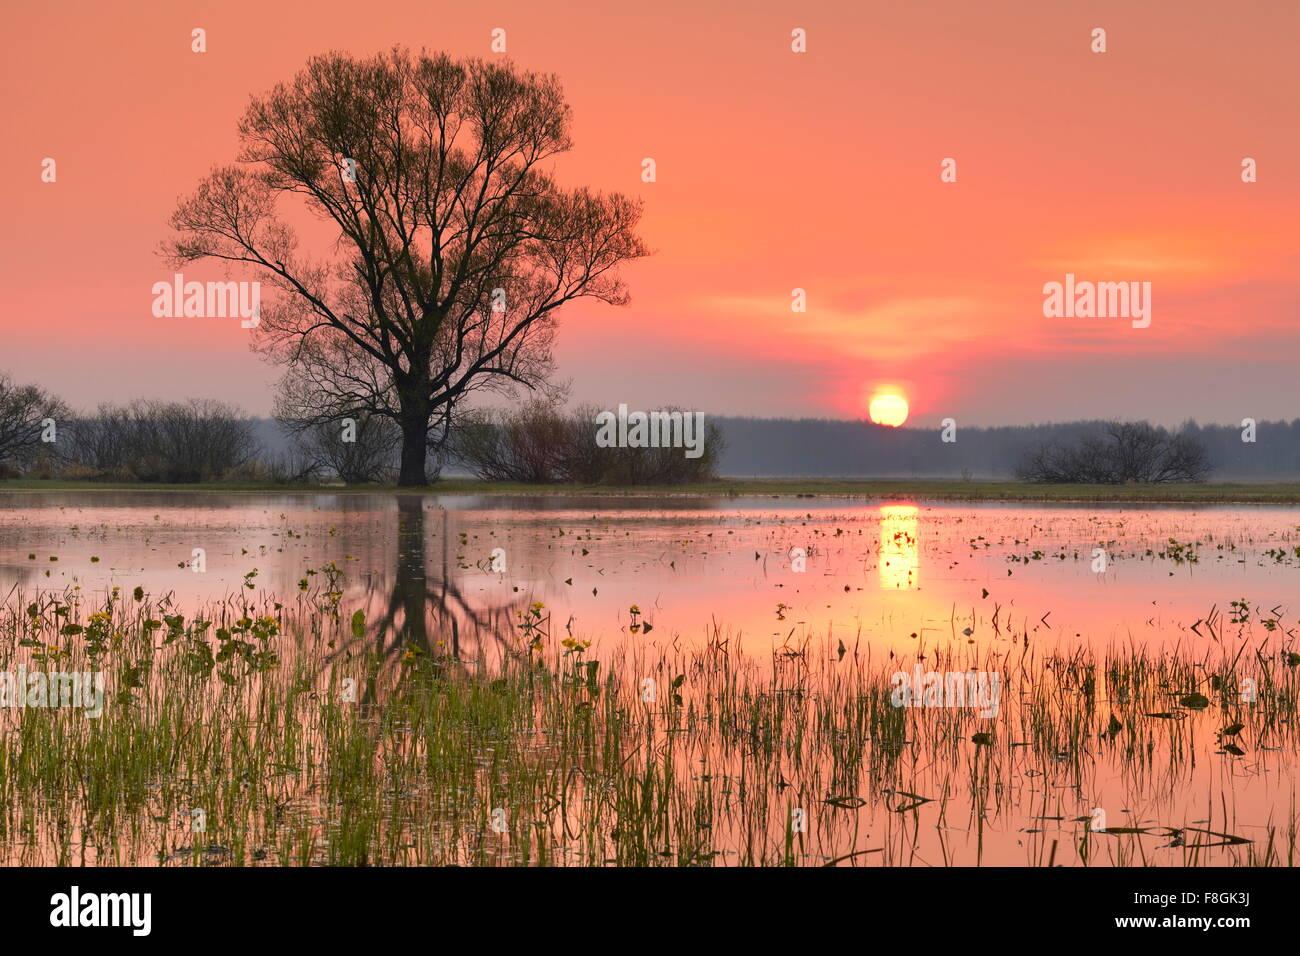 Sunrise paesaggio, Biebrza National Park, Polonia Immagini Stock